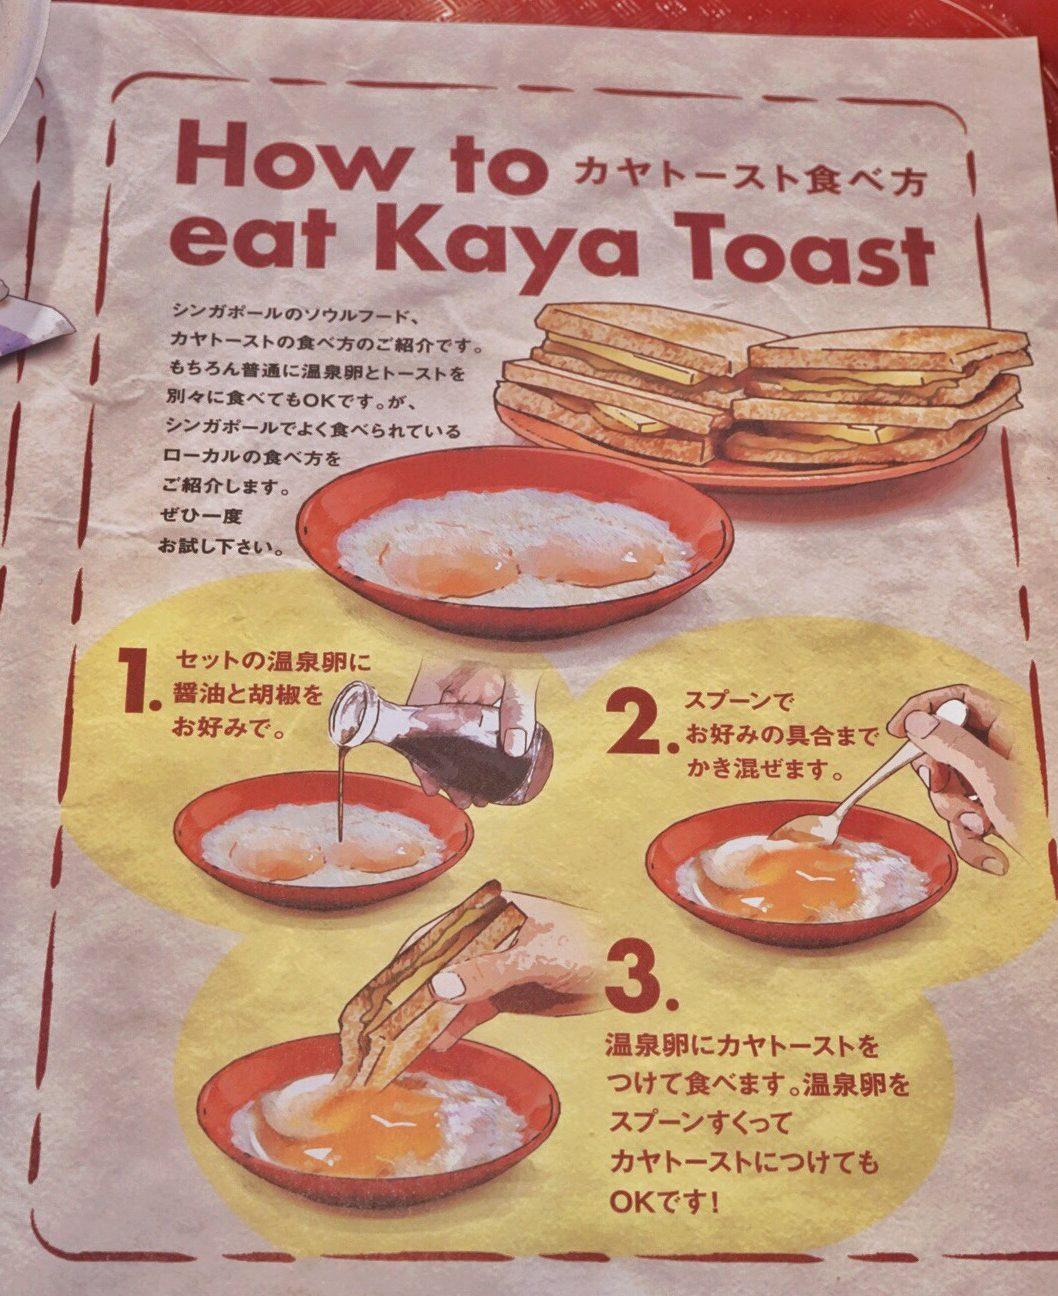 カヤトーストの食べ方・How to eat Kaya Toast